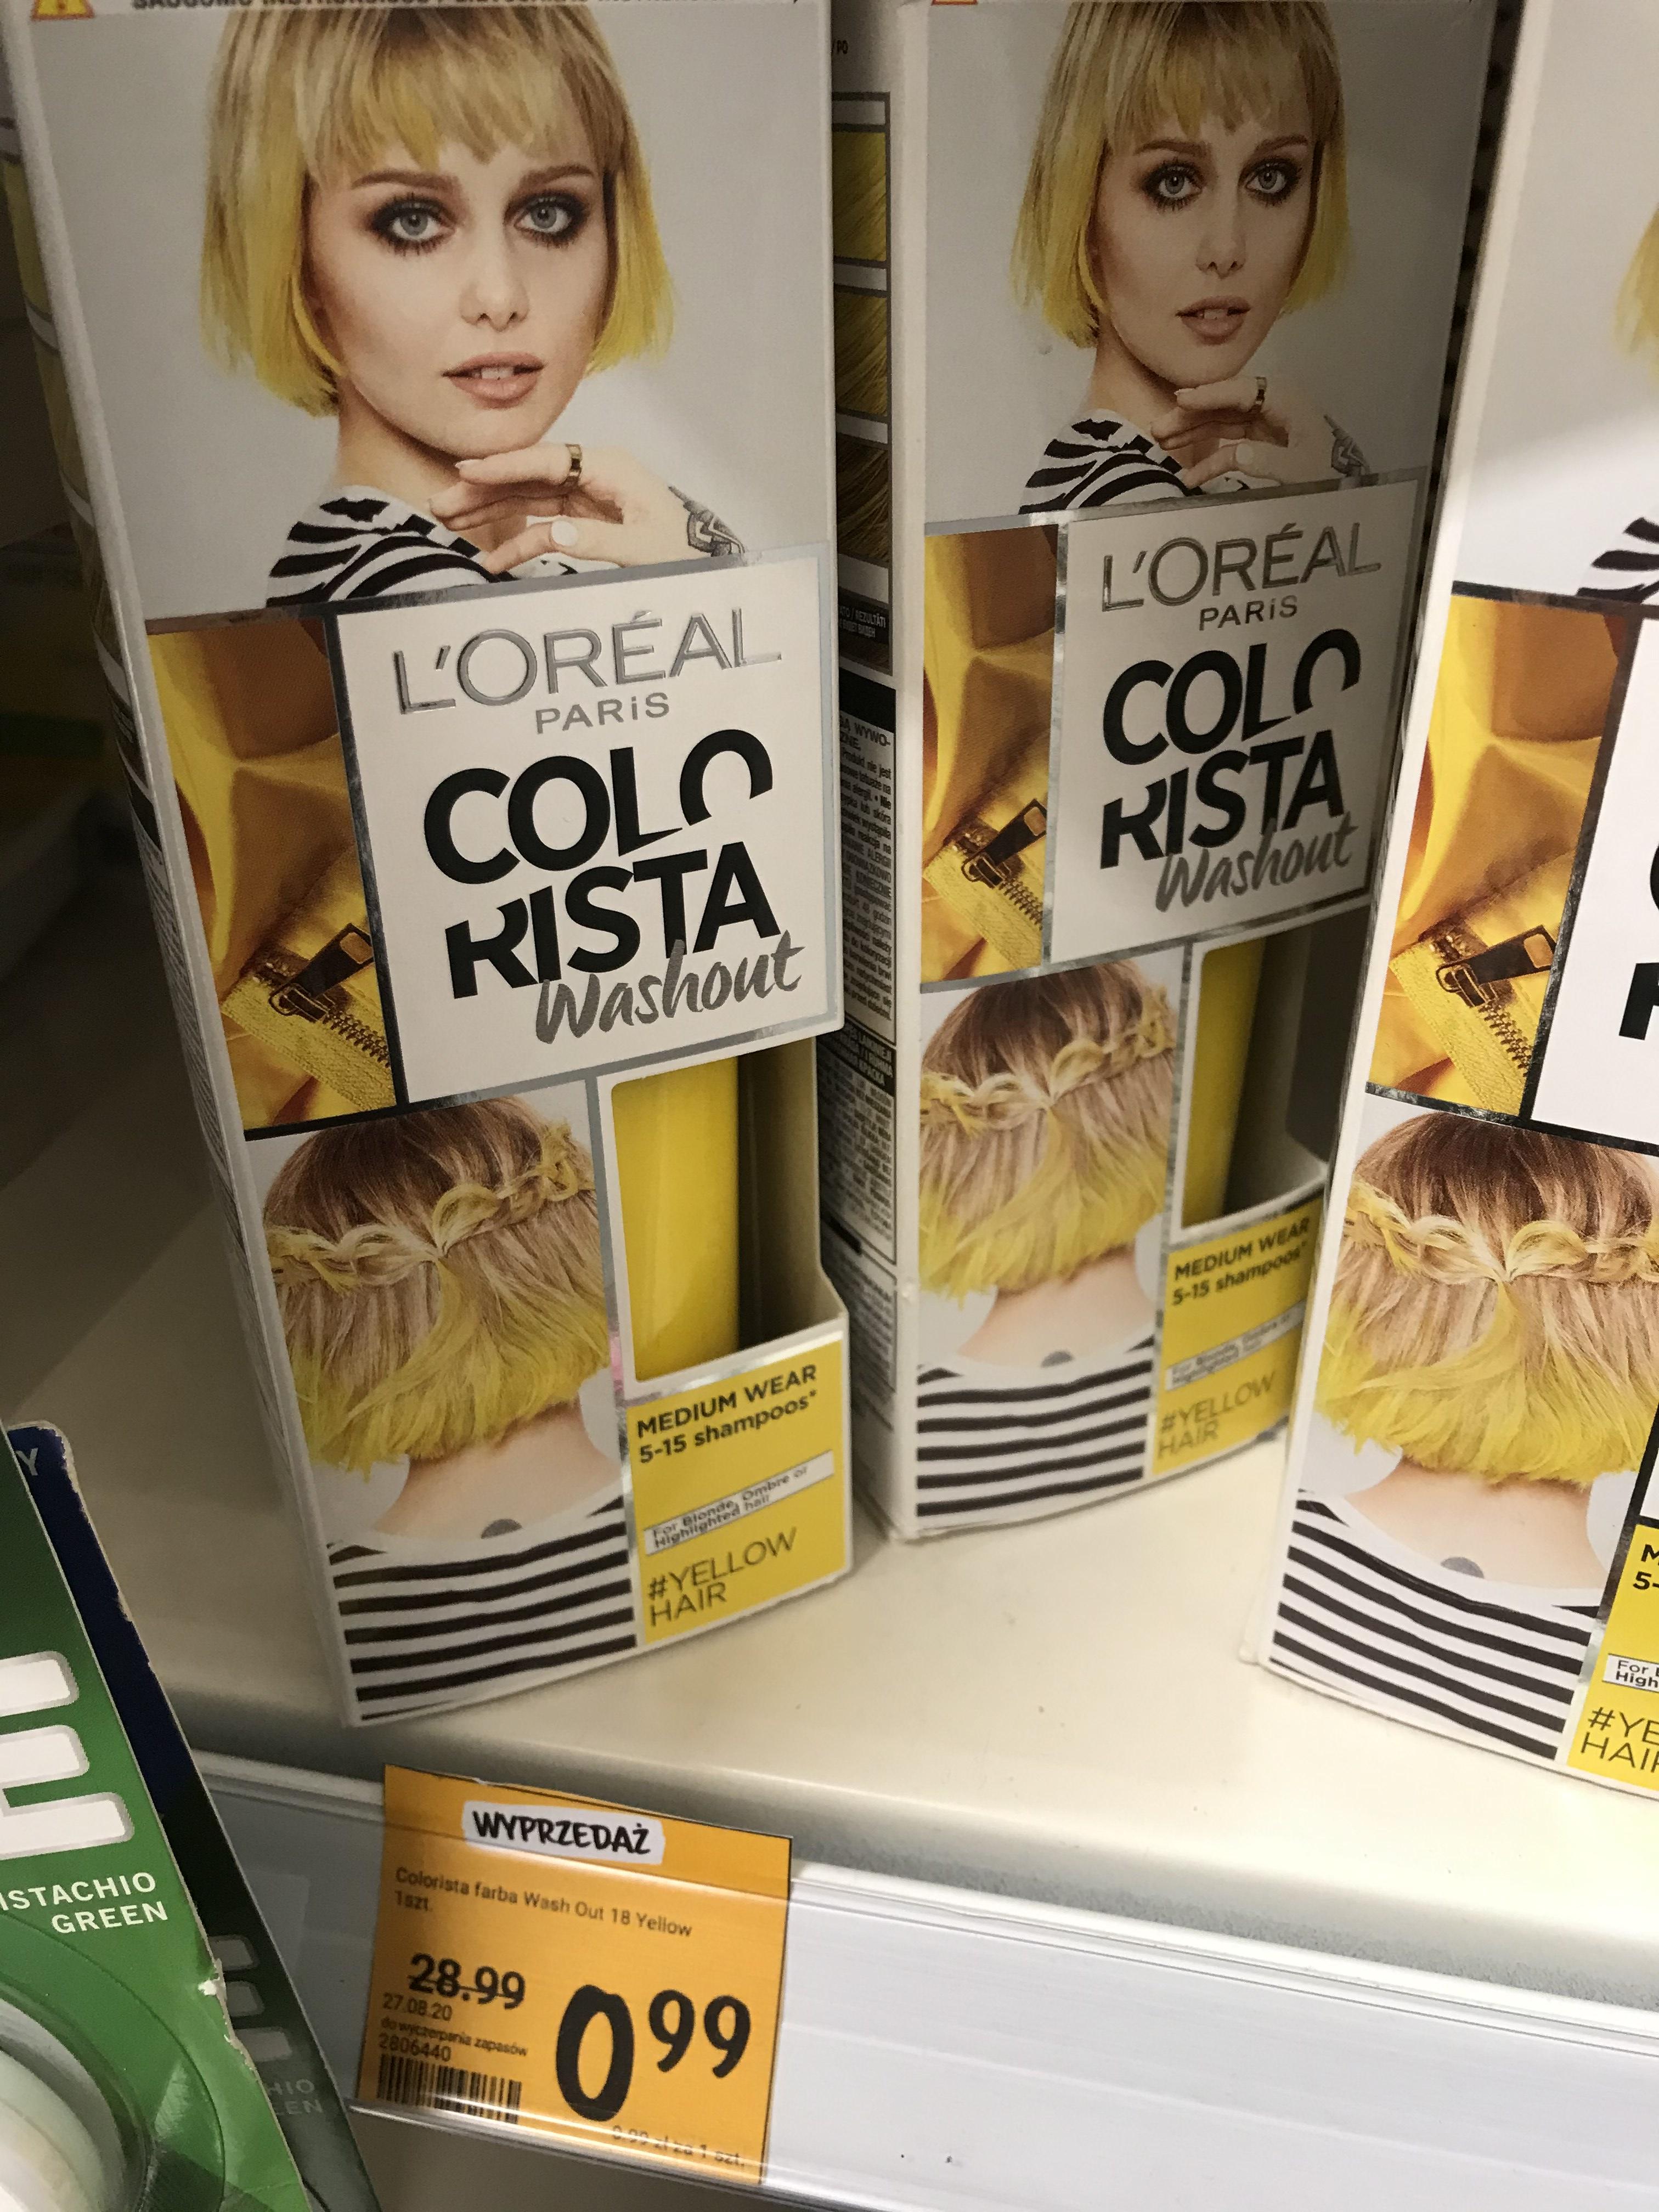 L'oreal Paris Colorista i farby do włosów ISANA Rossmann Rybnik